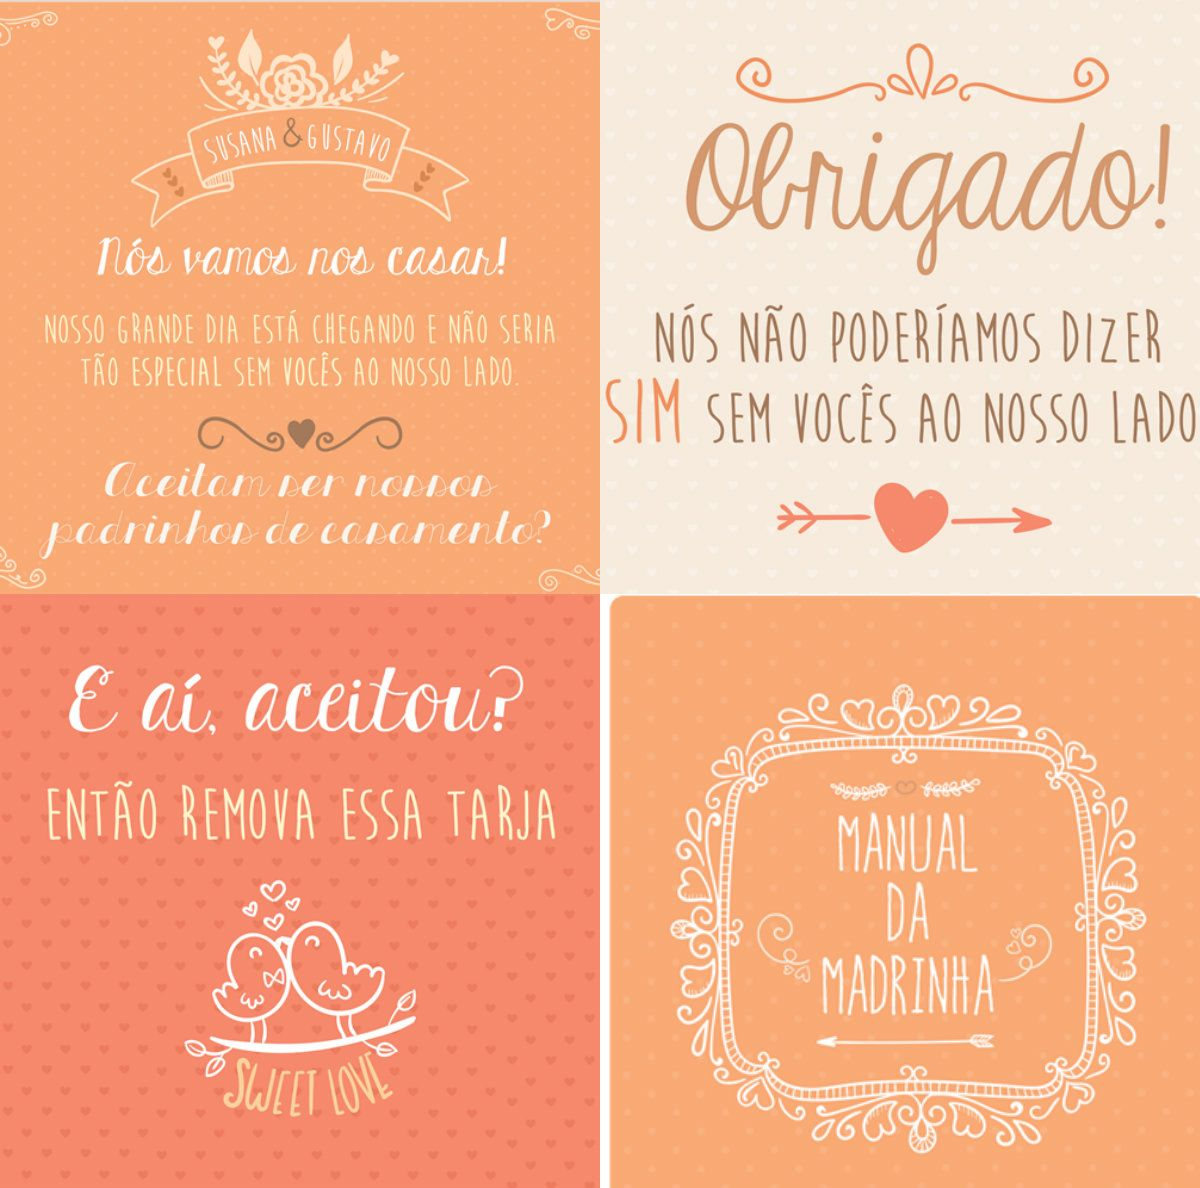 Arte Para Convite Dos Padrinhos De Casamento Convite Padrinho